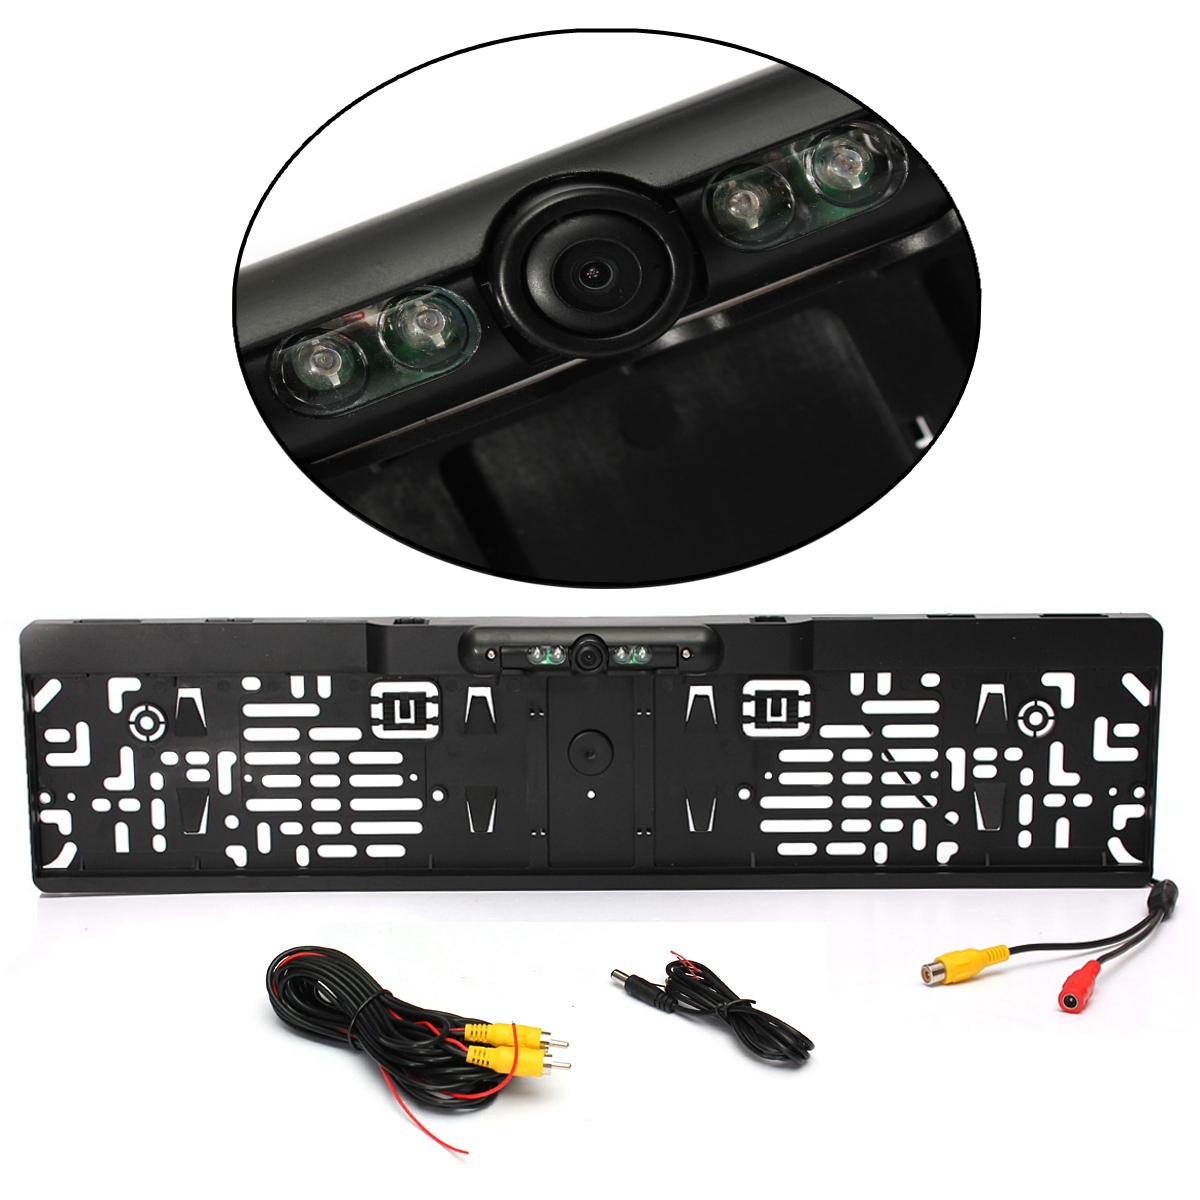 Impermeable Europea licencia marco de la placa de la cámara de visión trasera del coche Auto copia inversa de retrovisor aparcamiento cámara de 170 grados de visión nocturna